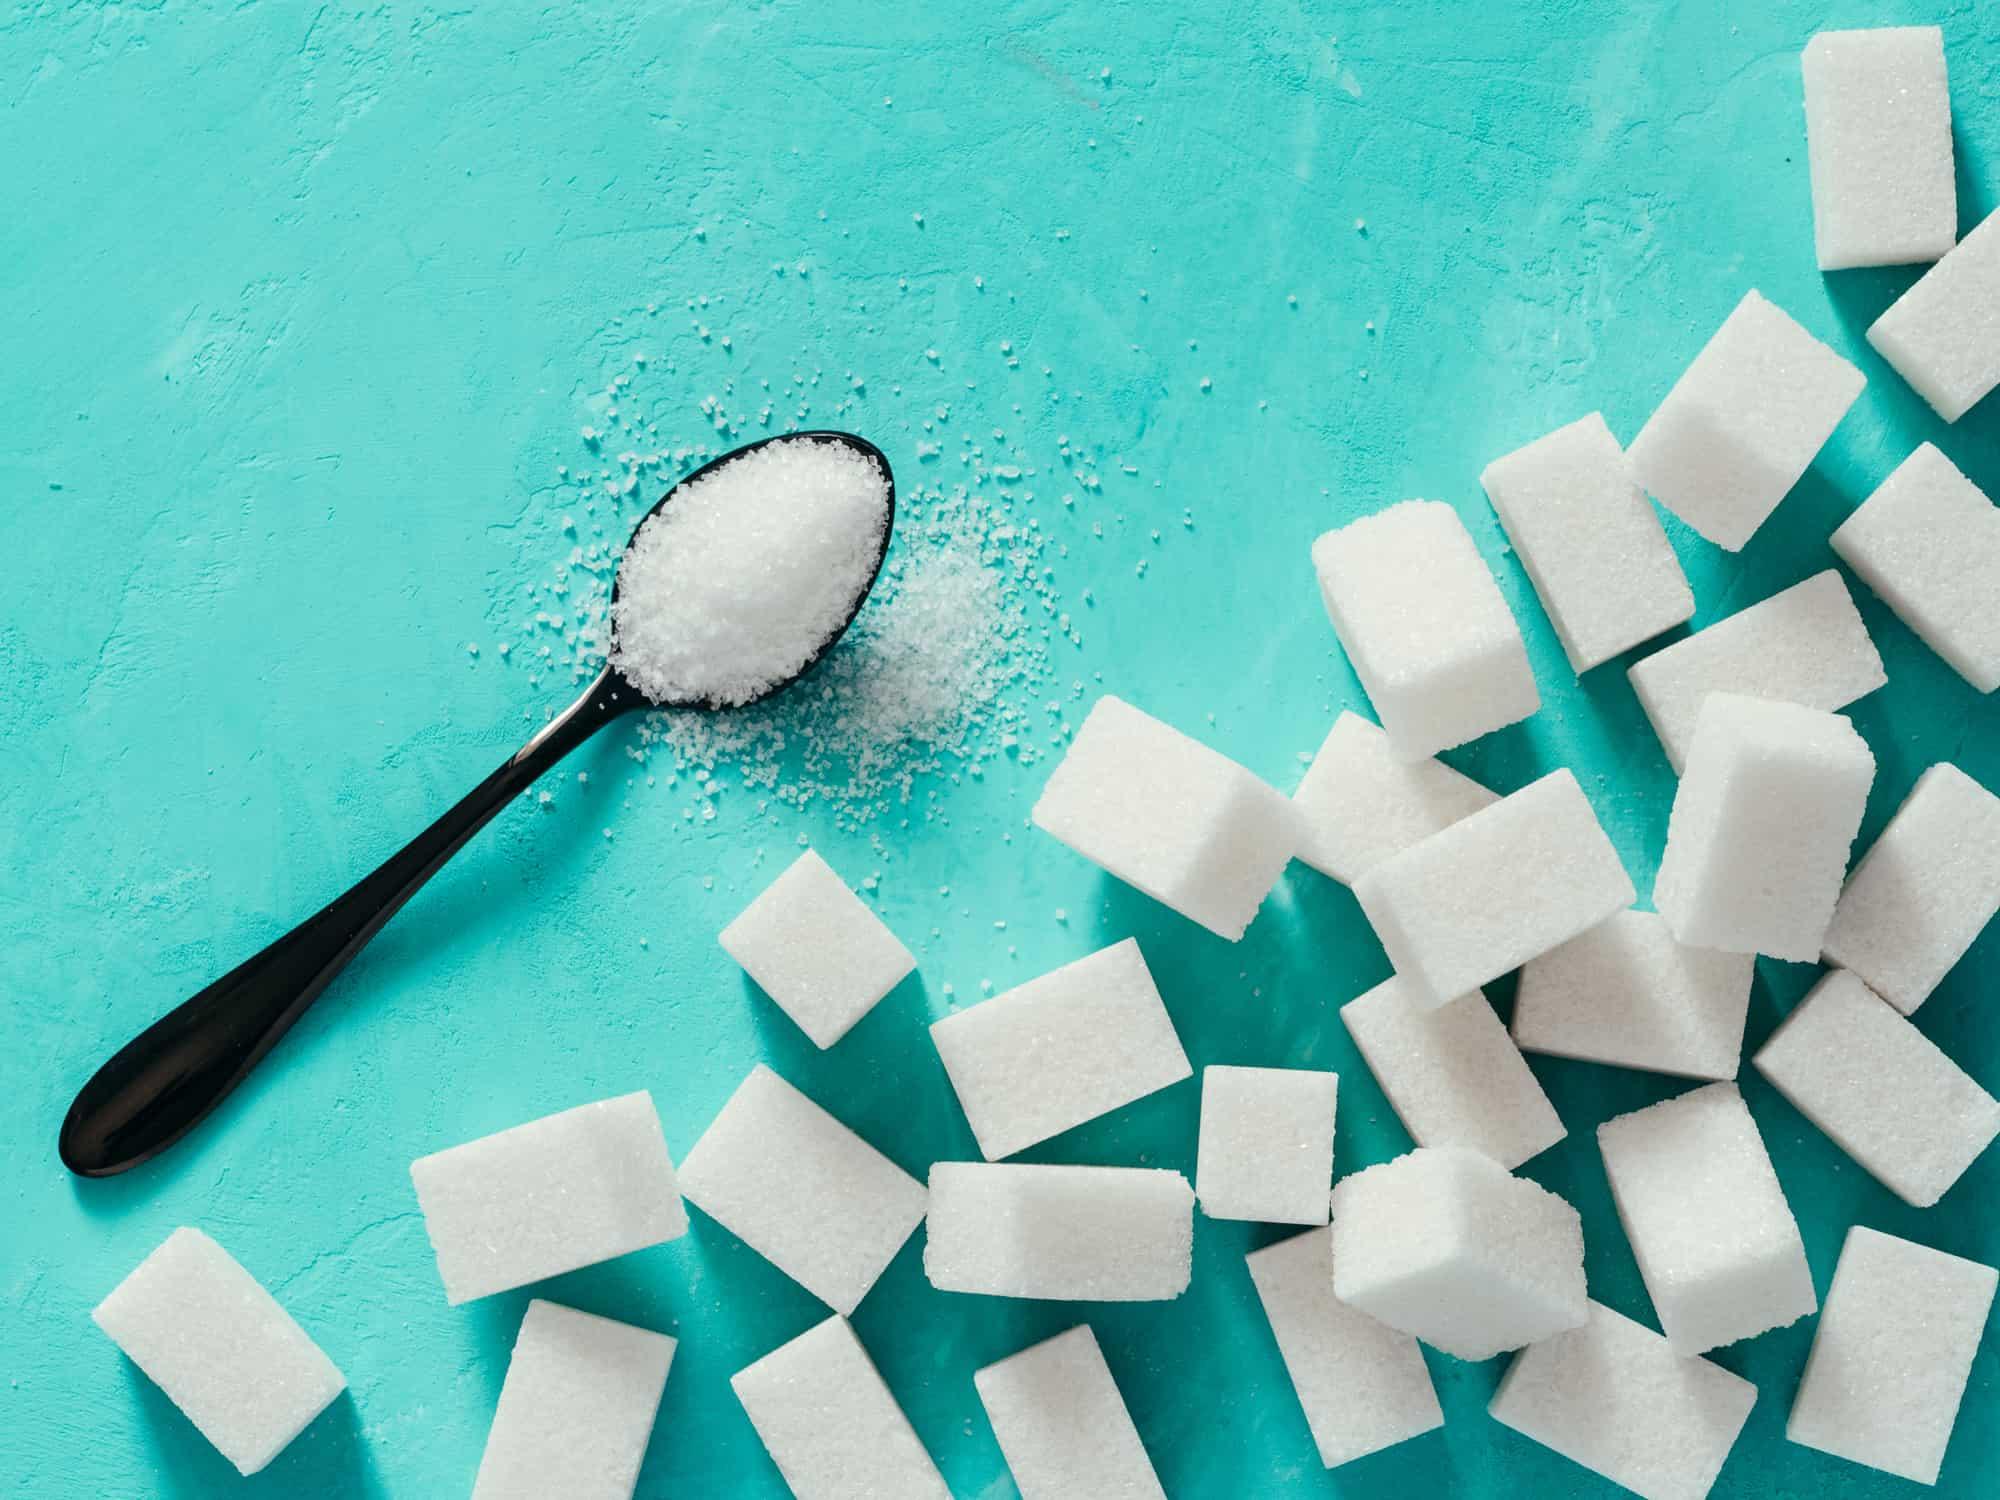 Sugar Awareness Week 2018 National Awareness Days Events